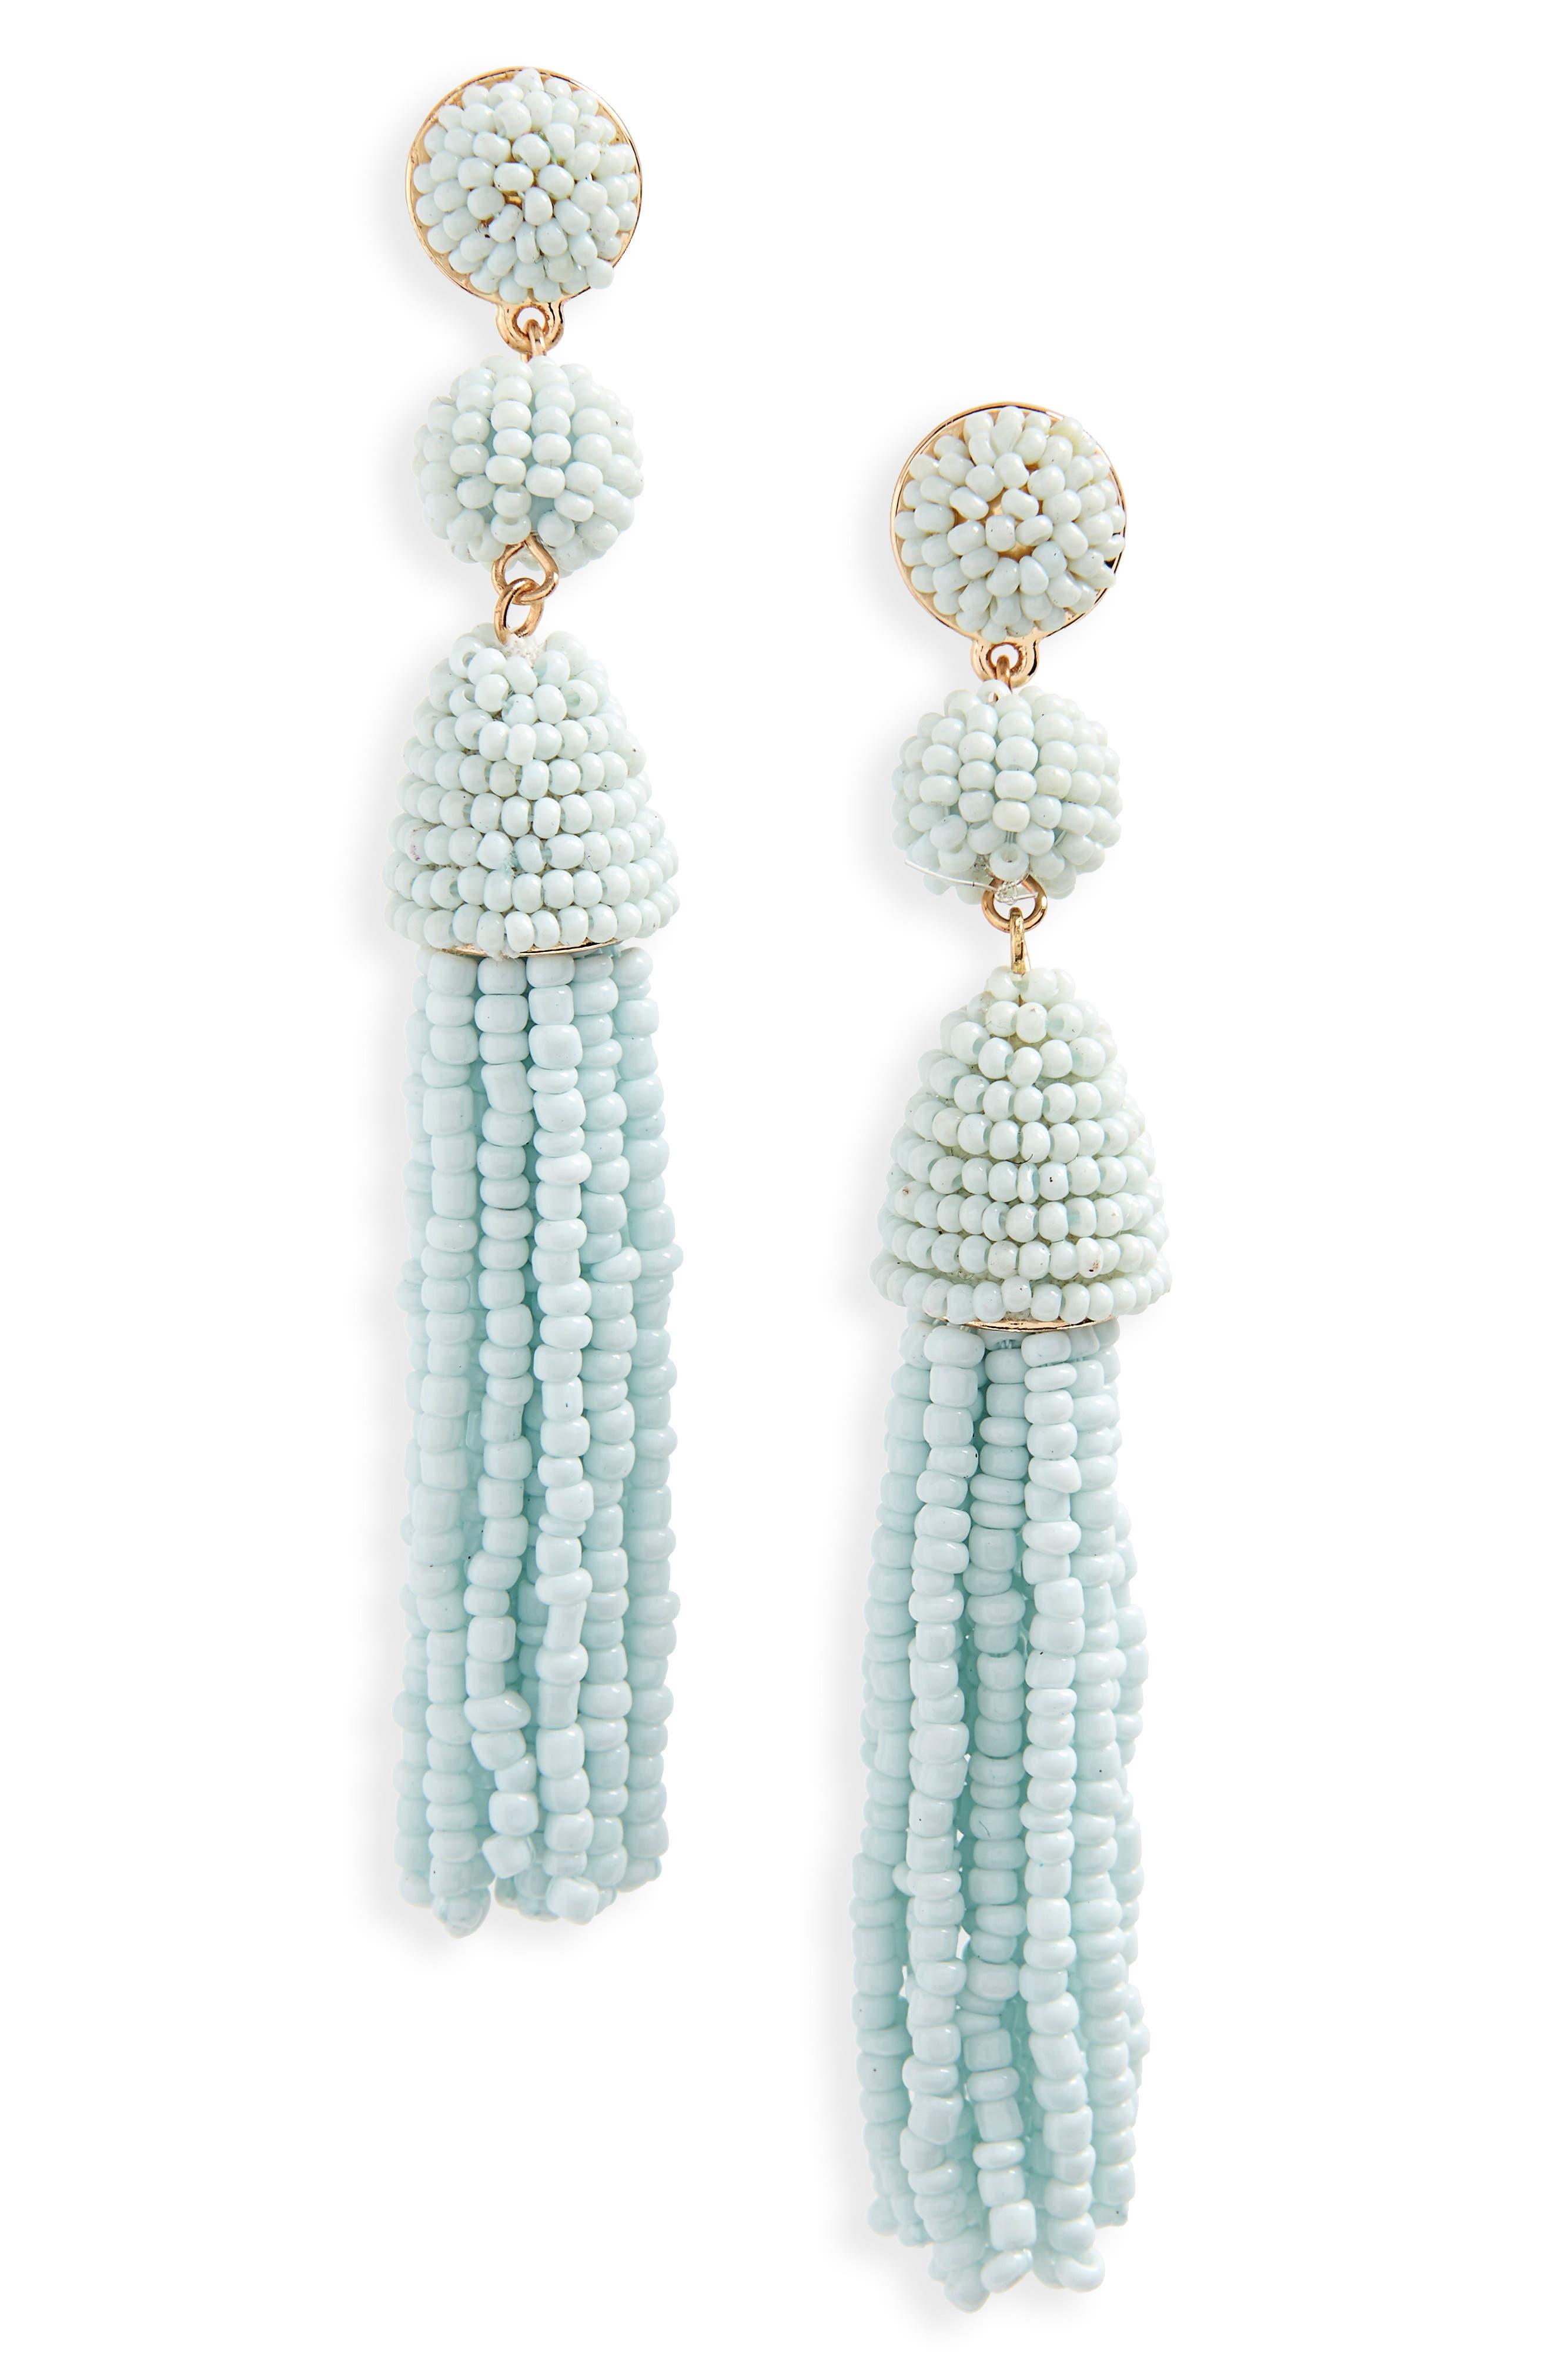 Main Image - BaubleBar Granita Beaded Tassel Earrings